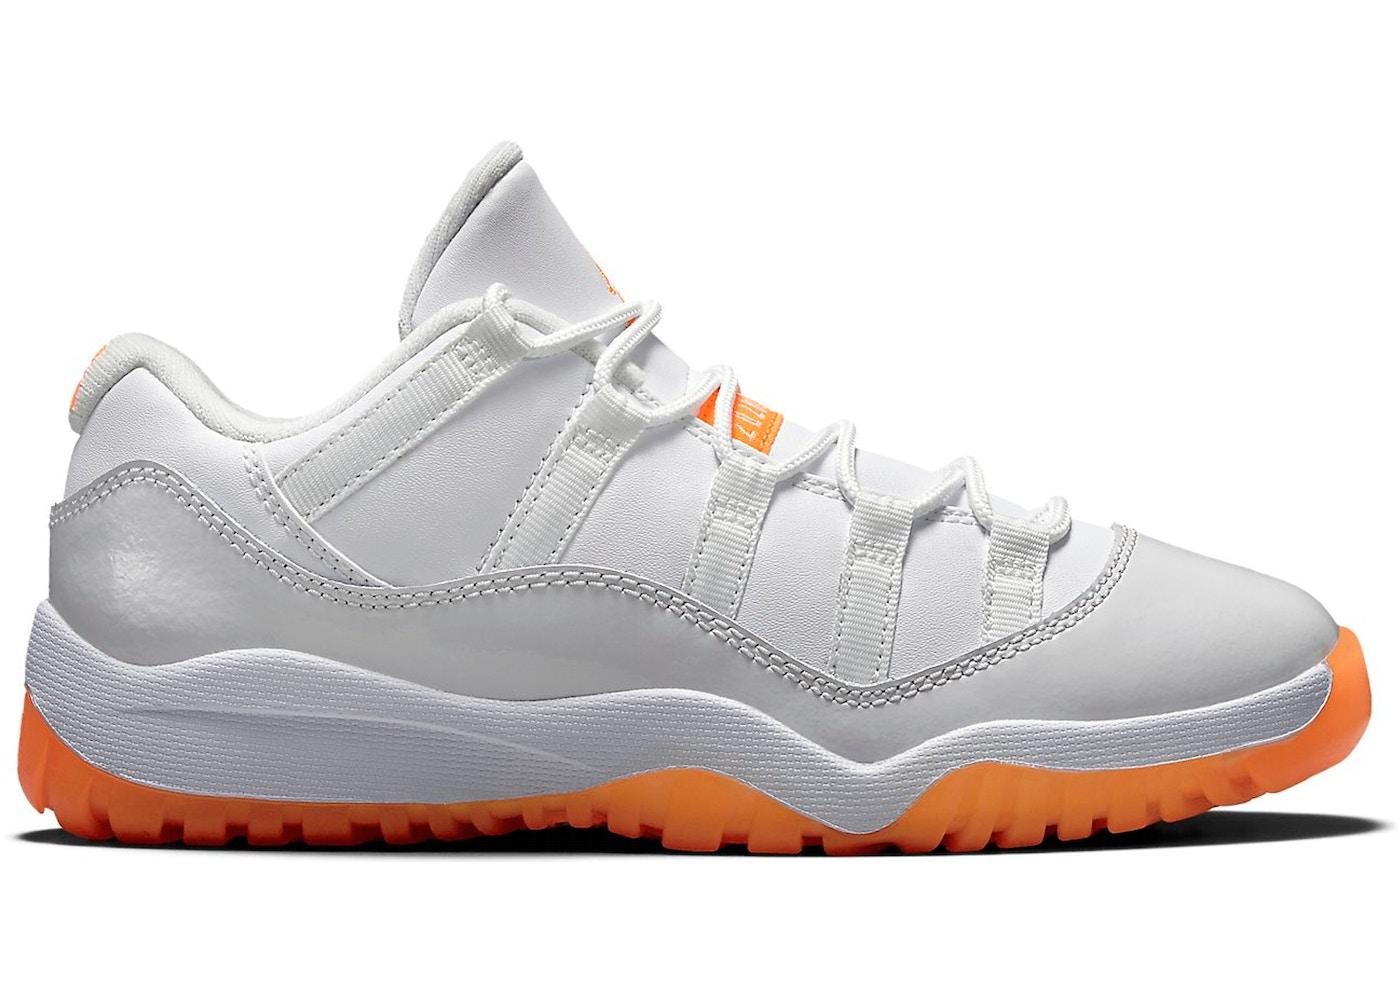 d2ec9fc439c9 Air Jordan 11 Size 13 Shoes - Lowest Ask